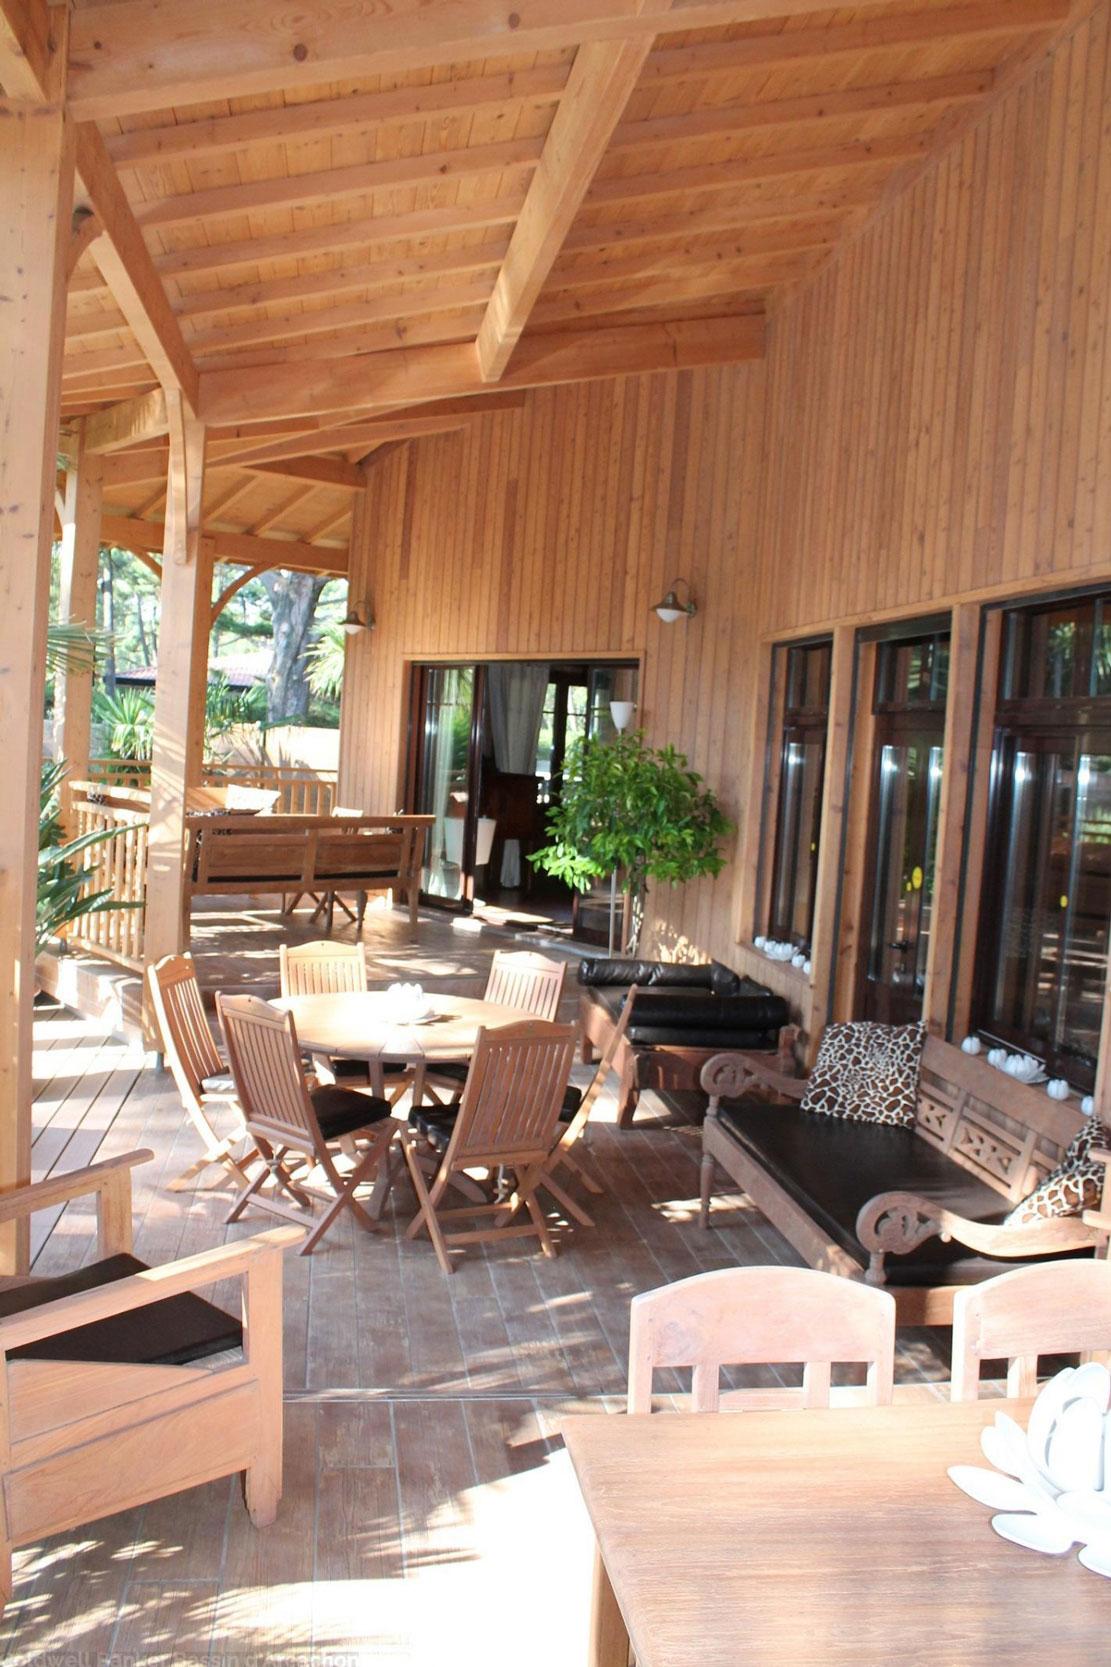 Vente Villa Cap Ferret De Luxe Avec 4 Chambres Et Piscine